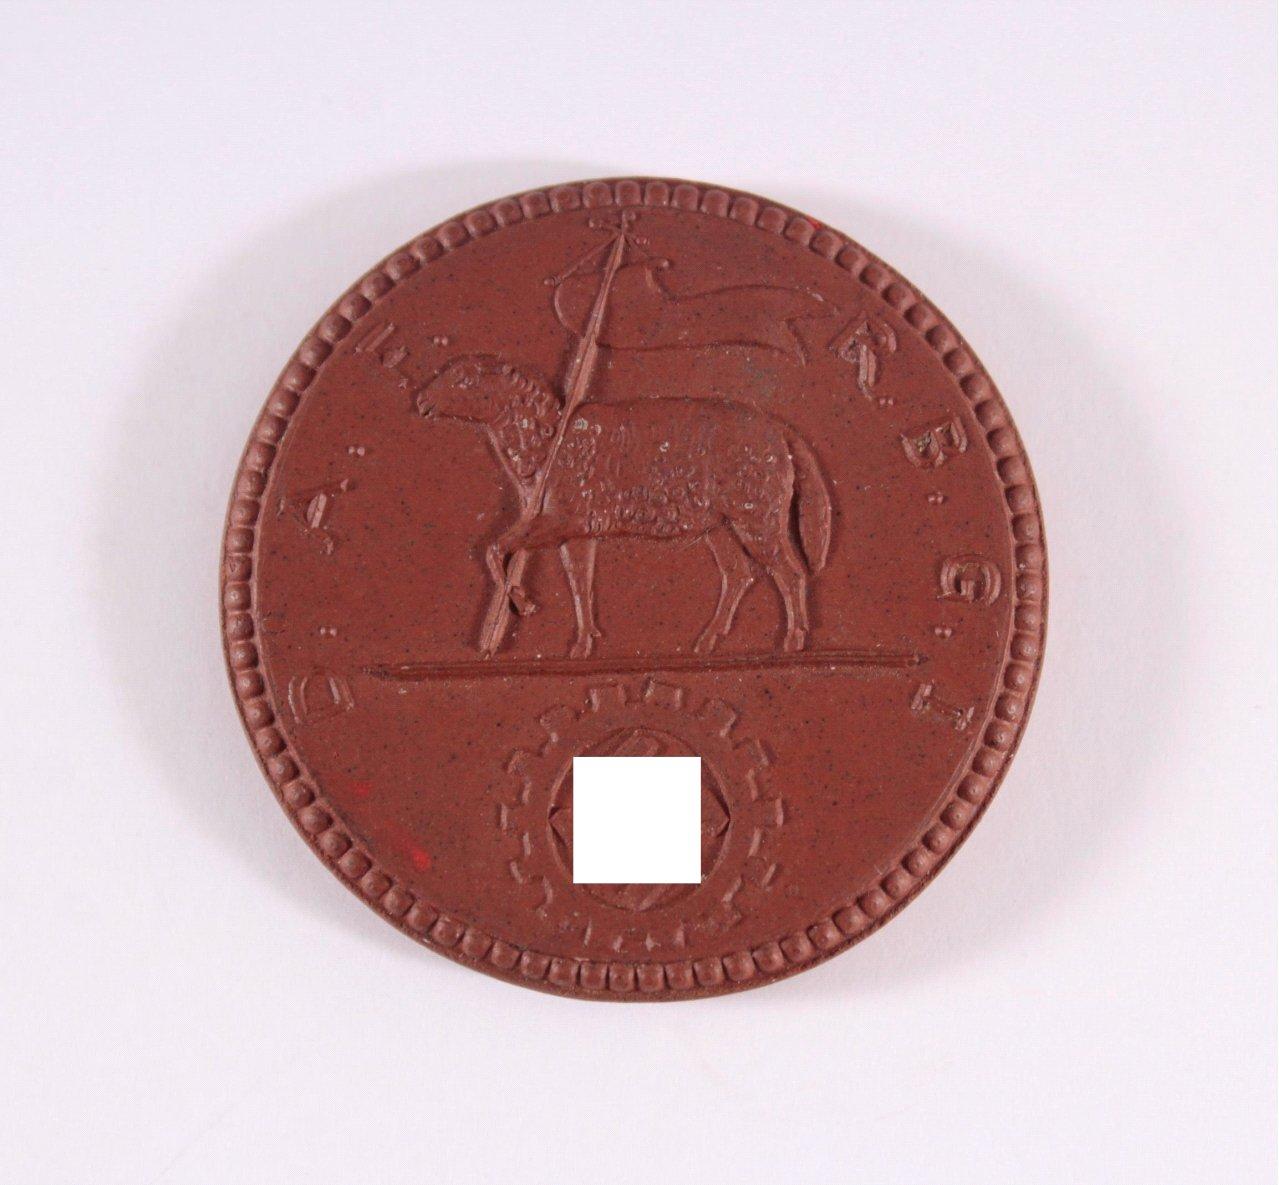 Steinzeug Medaille DAF RGBI 1934 Dresden